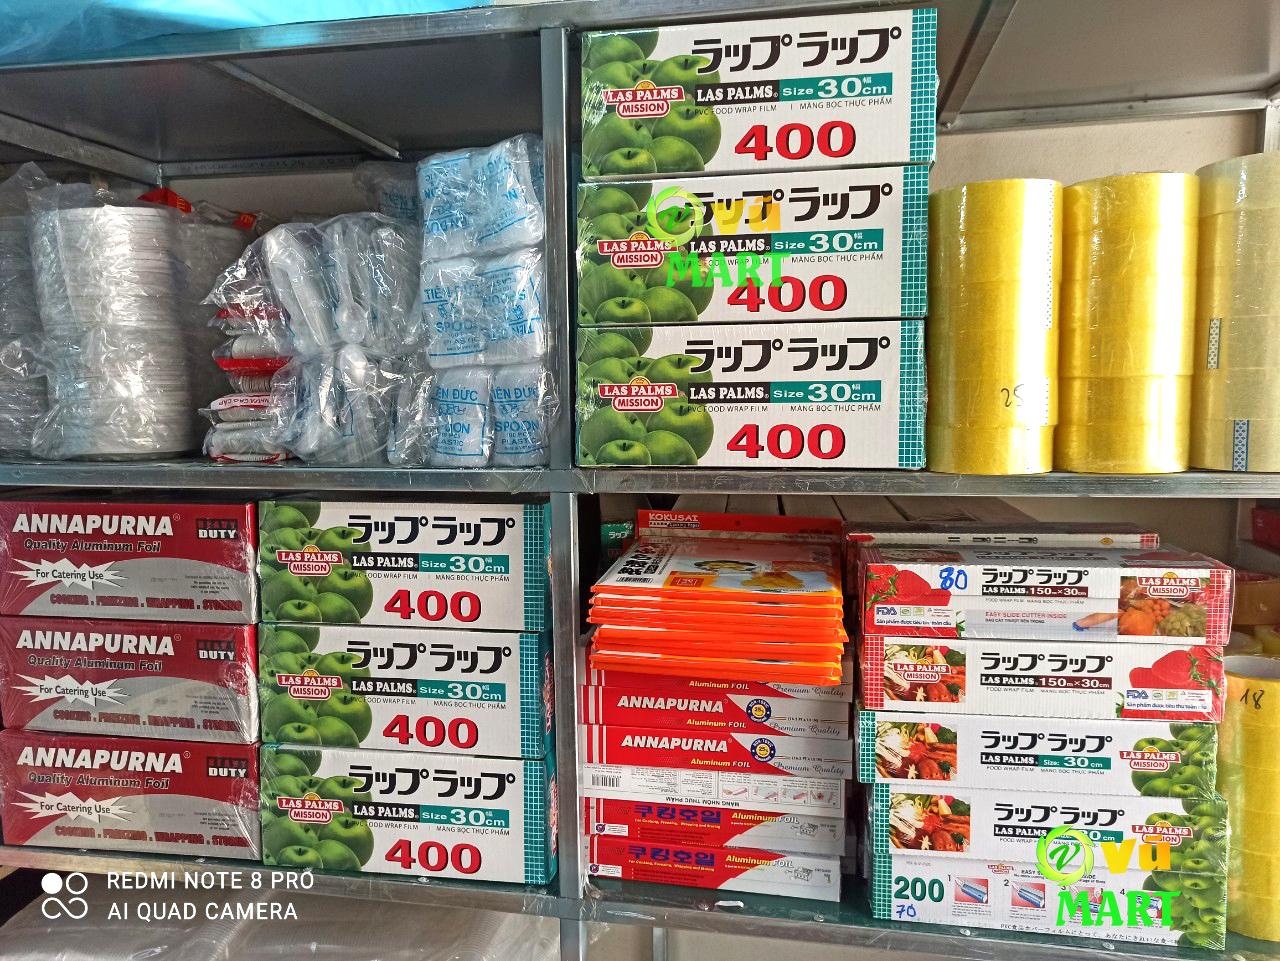 màng bọc thực phẩm 450 laspalms